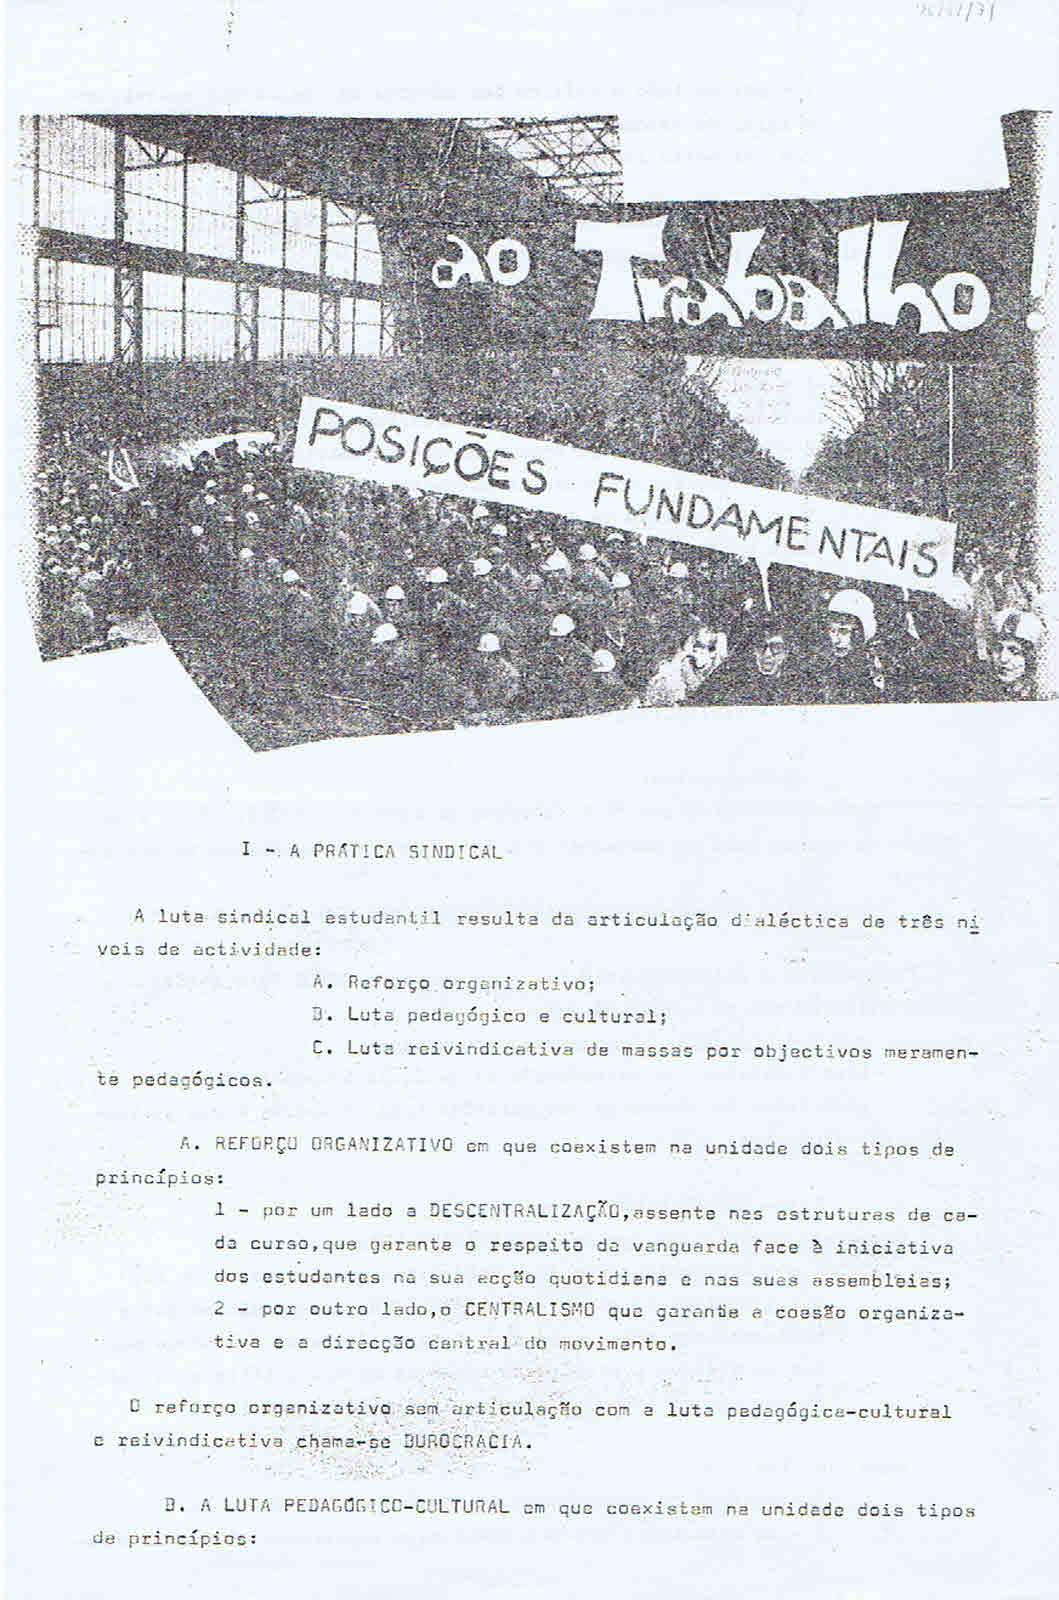 AO_TRABALHO_POSIÇOES_FUNDAMENTAIS